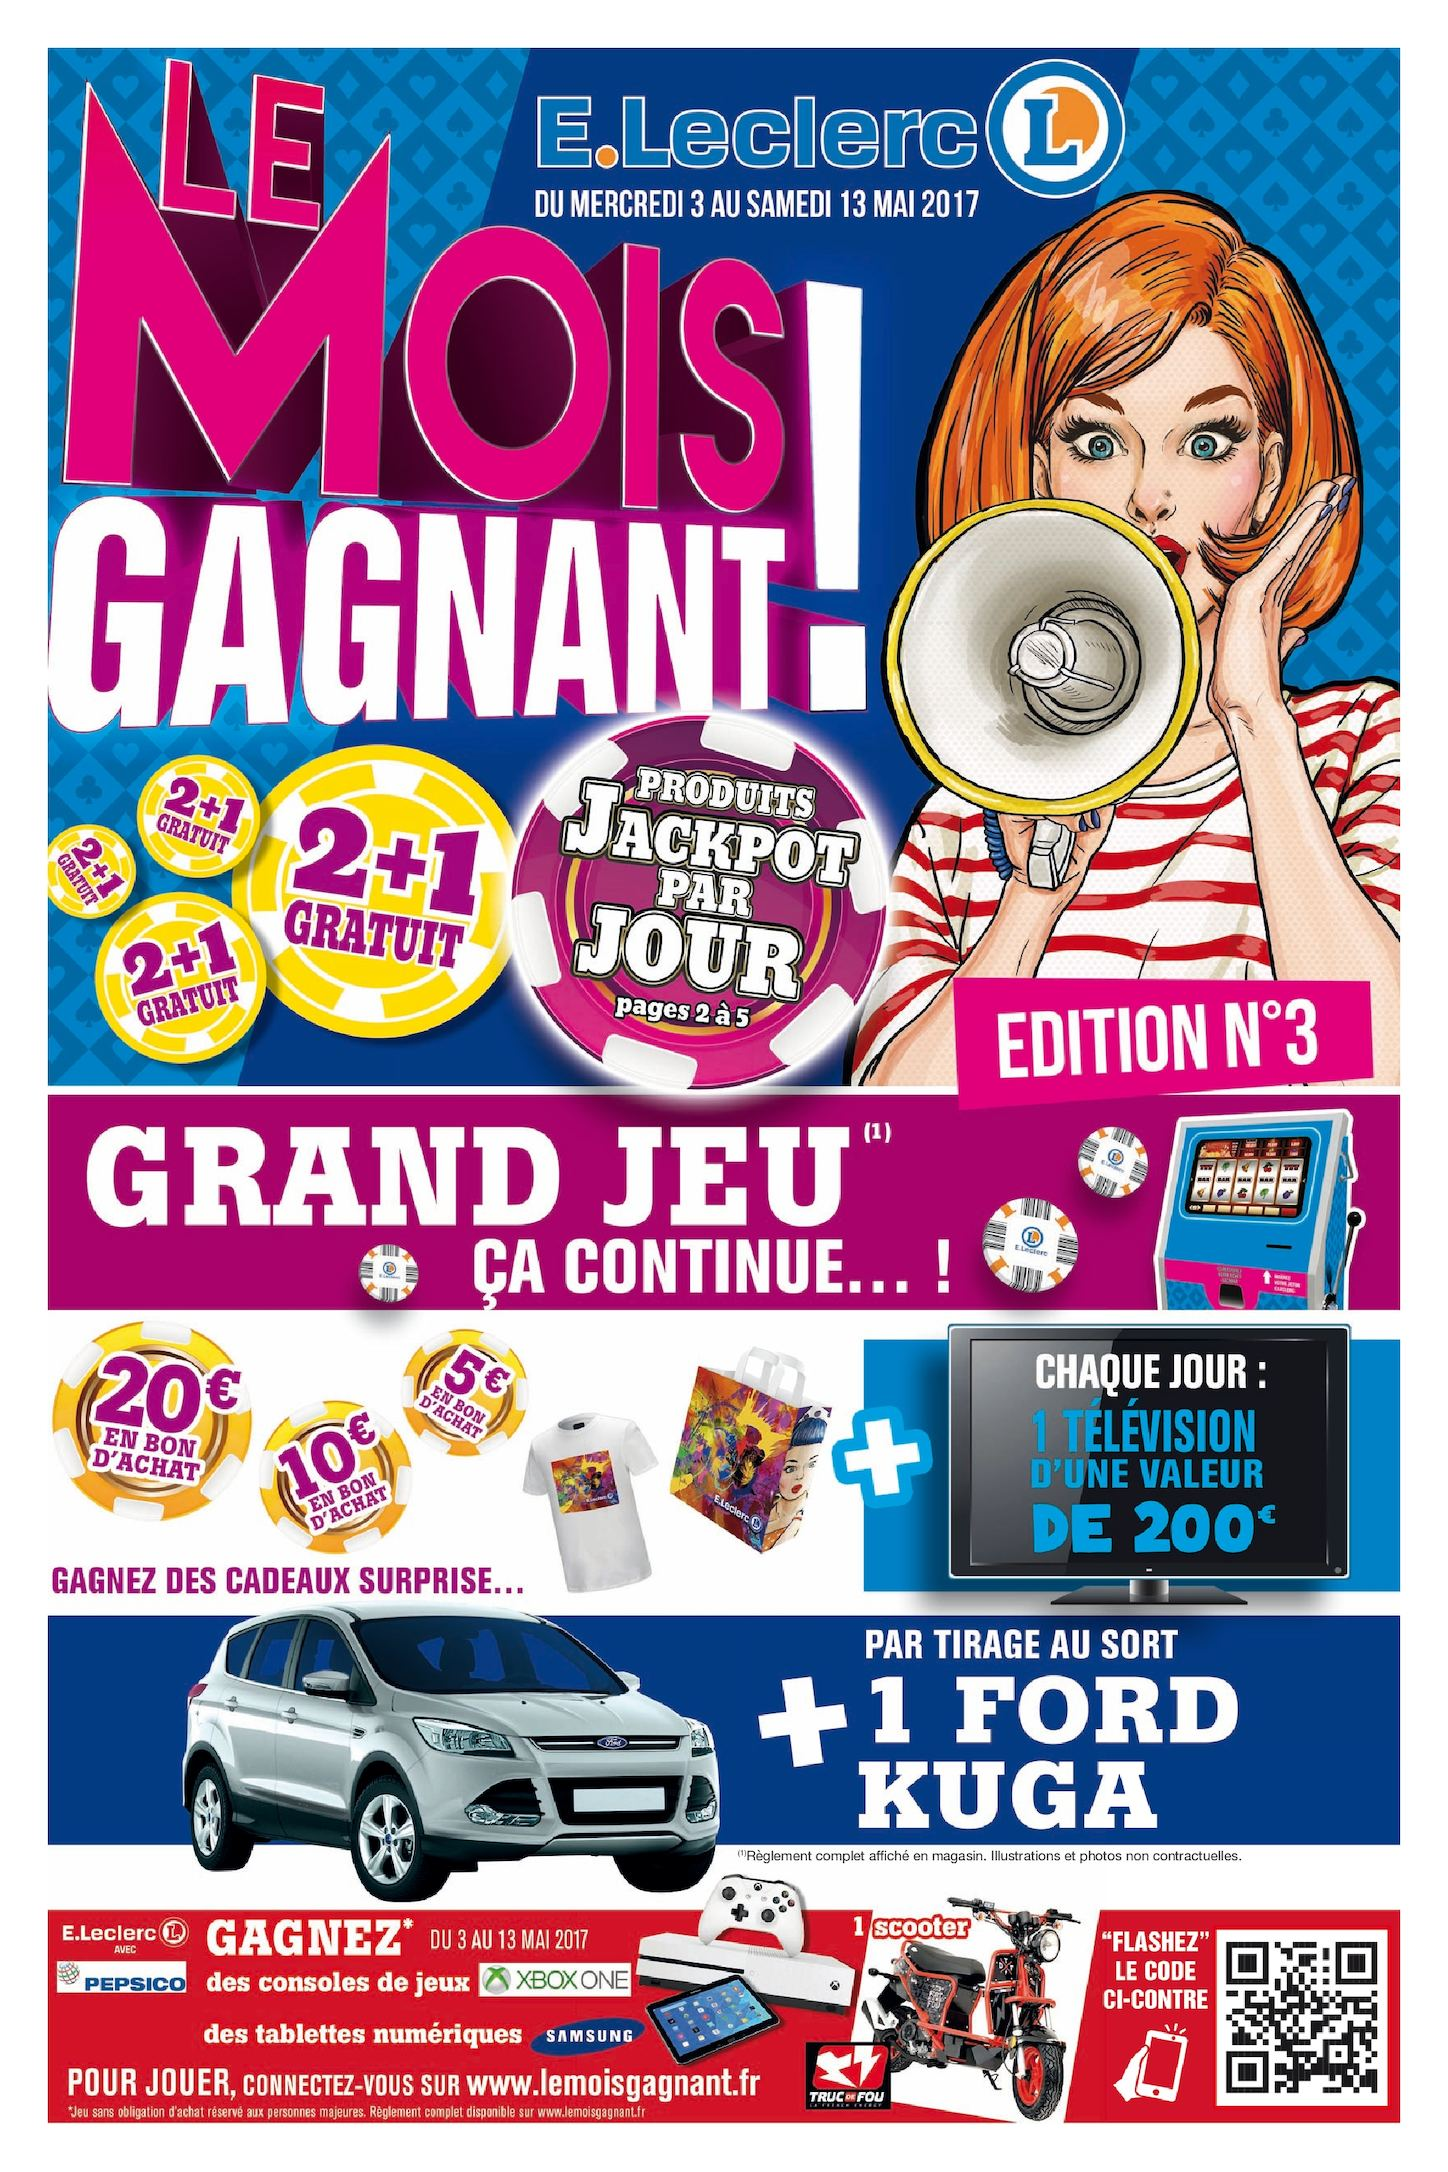 Calaméo Le Mois Gagnant édition 3 V1